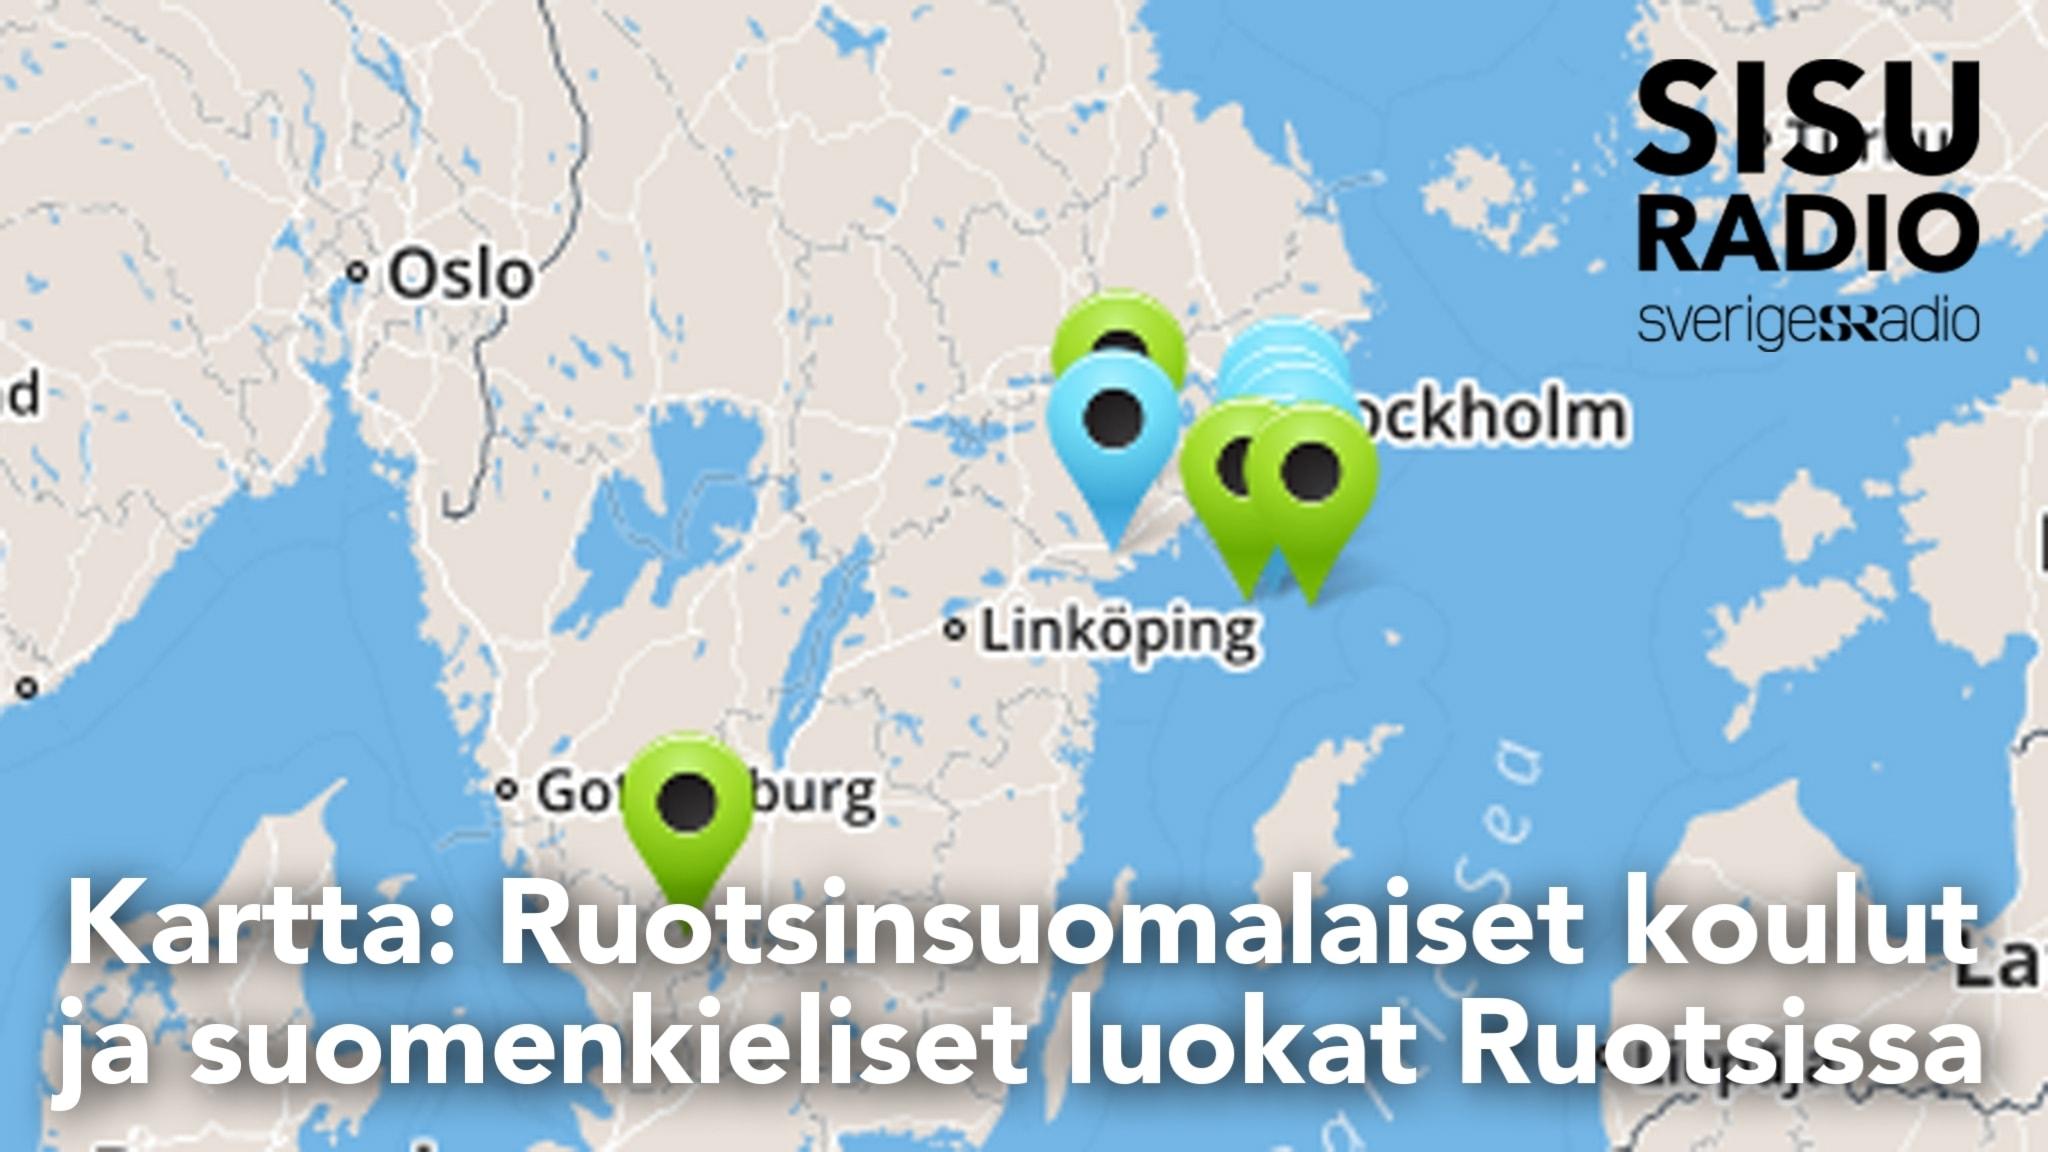 Kartta Ruotsinsuomalaiset Koulut Ja Suomenkieliset Luokat